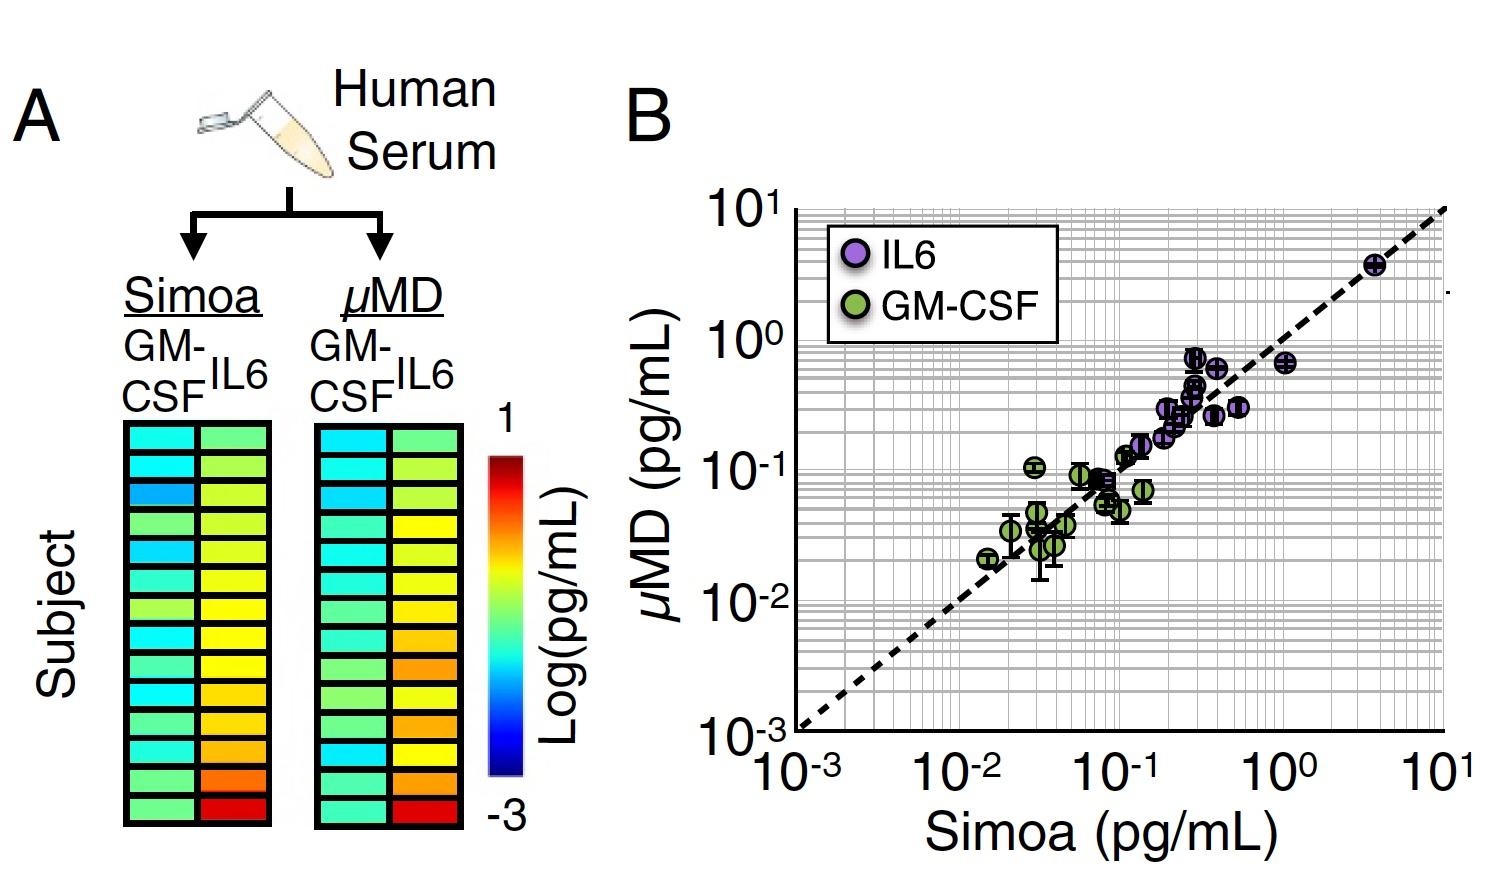 Не для селфи: цифровой иммуноферментный анализ посредством нового чипа, встраиваемого в смартфон - 7